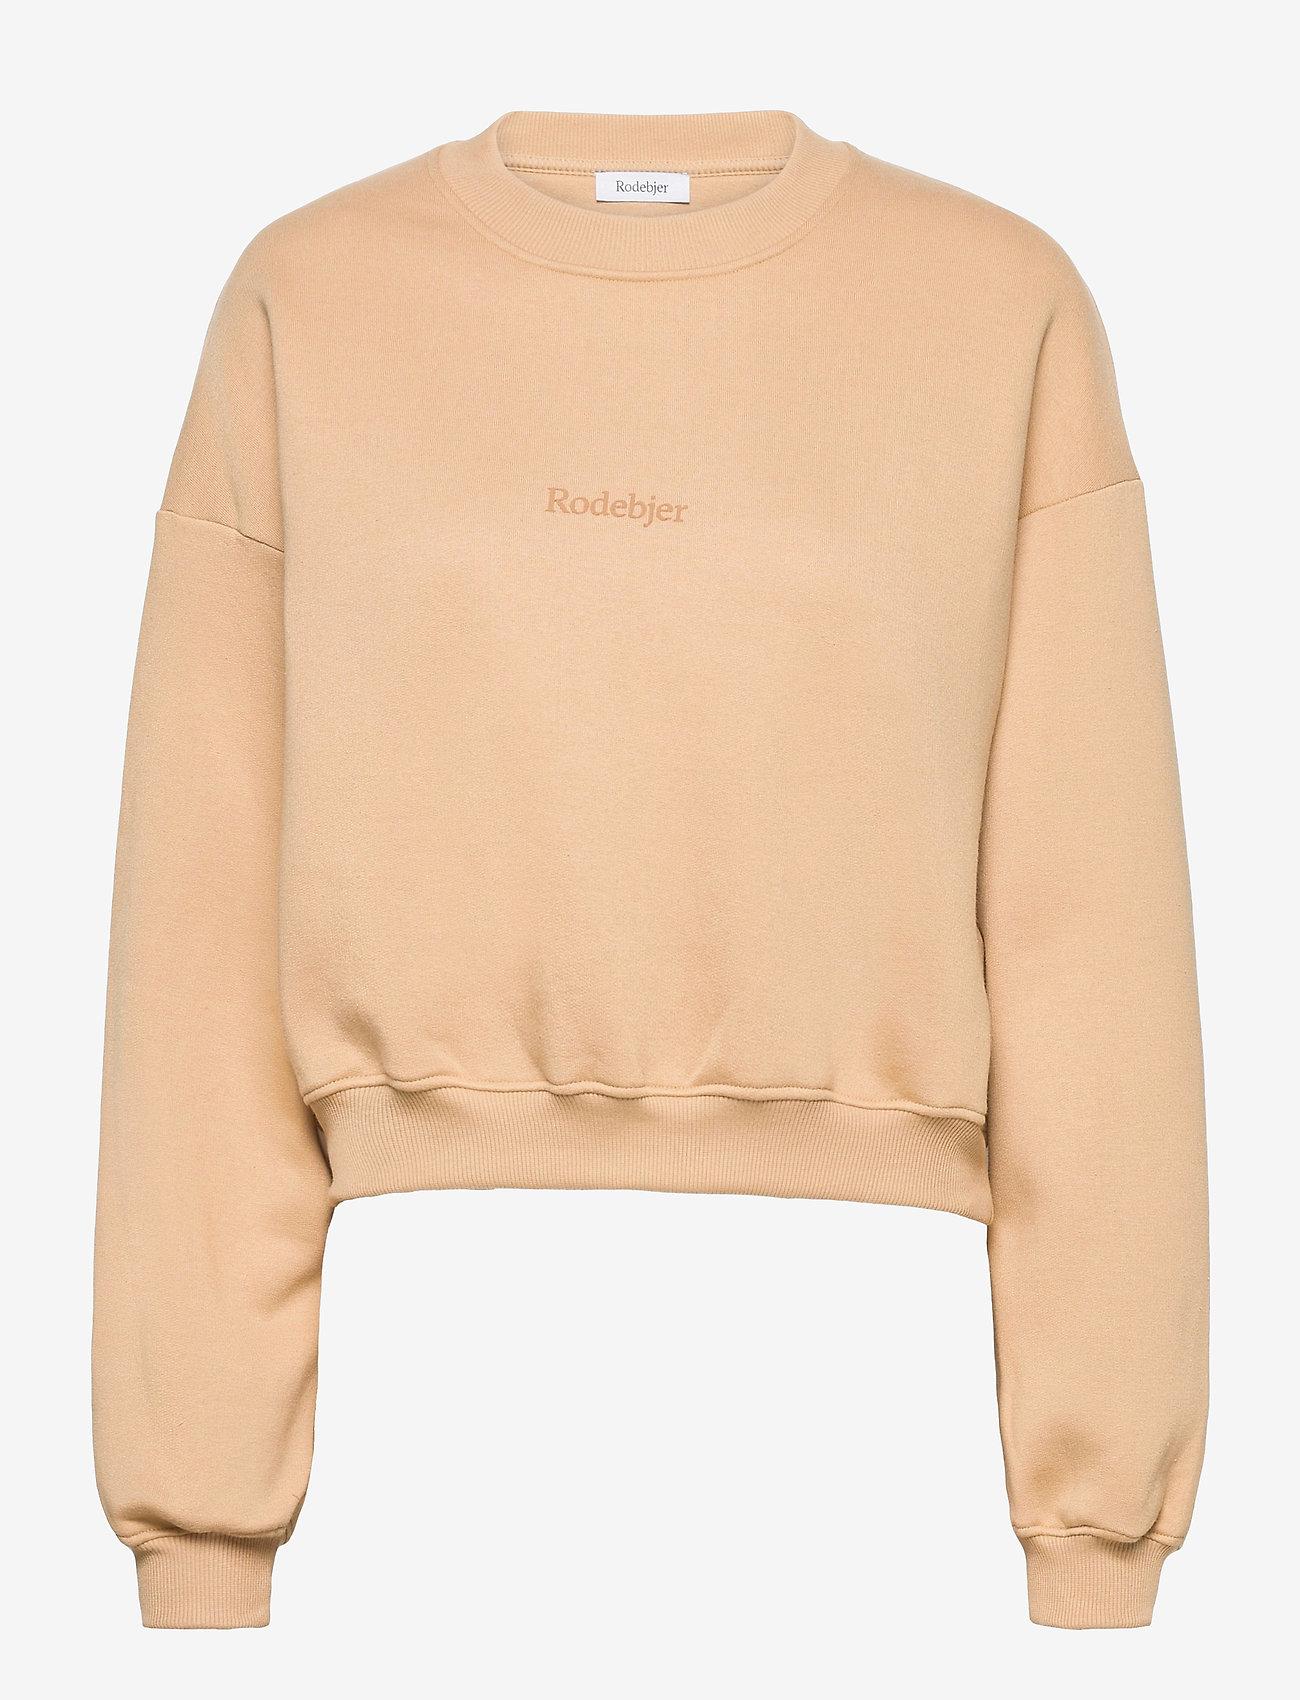 RODEBJER - RODEBJER KOLOMAN - sweatshirts & hættetrøjer - camel - 0